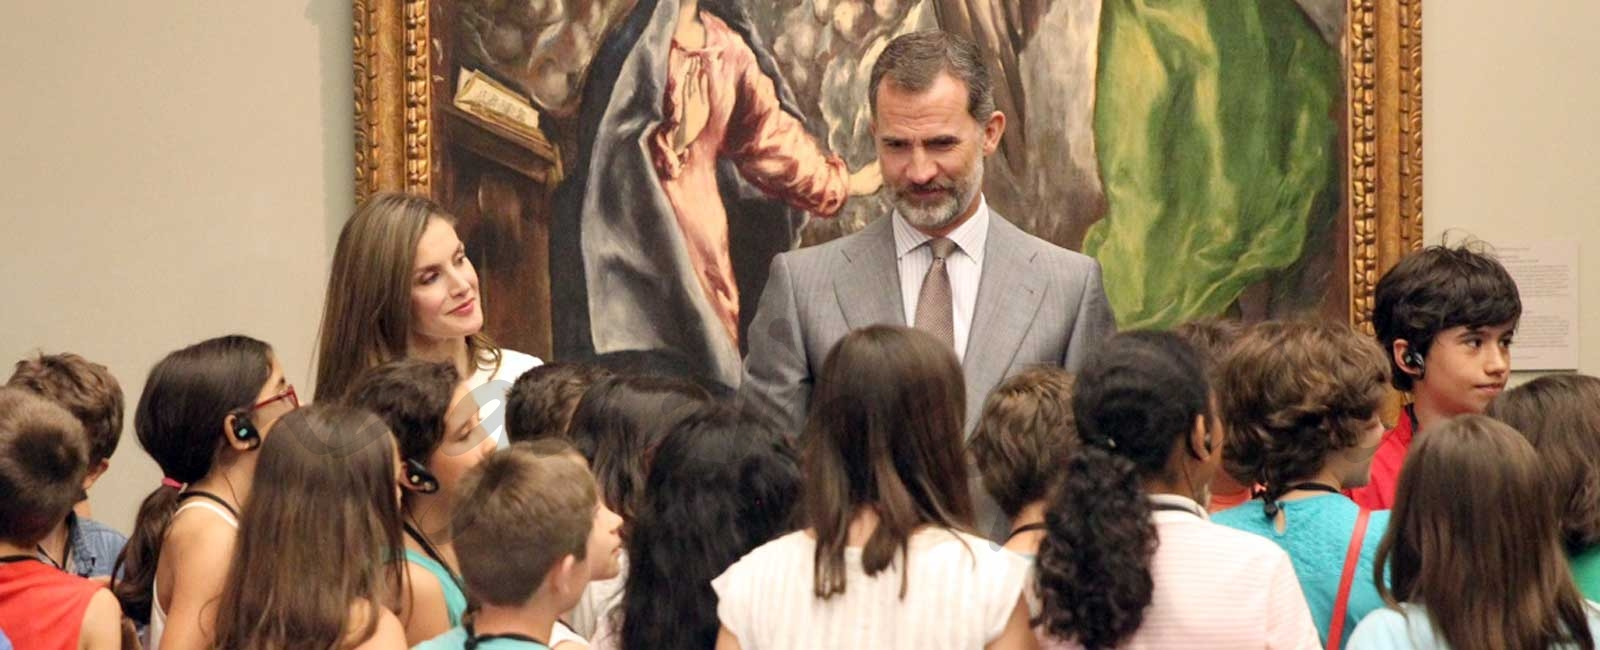 Los Reyes Felipe y Letizia celebran su tres años de reinado en El Prado